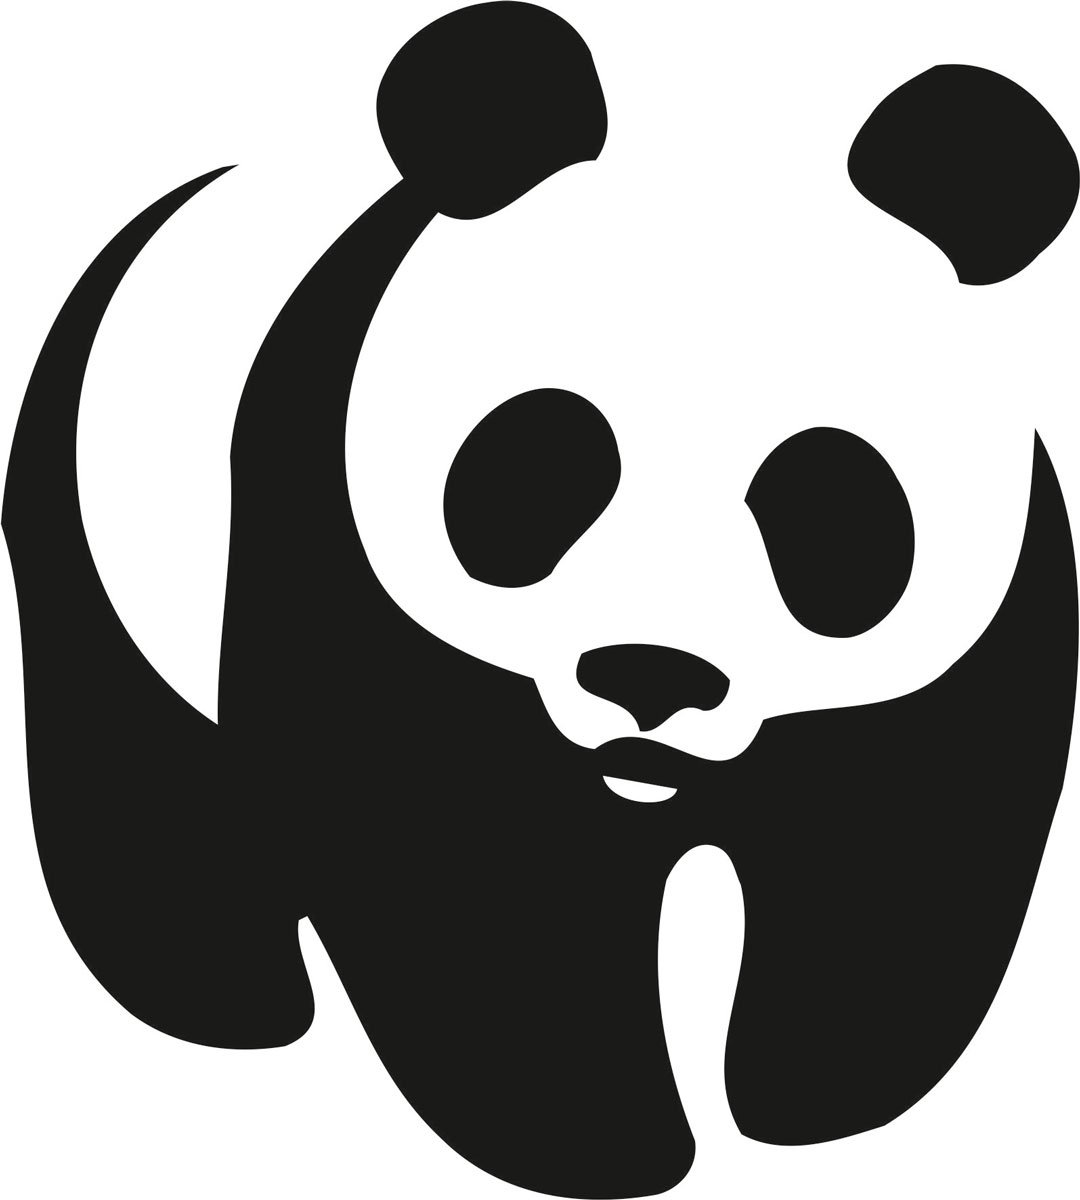 Наклейка автомобильная Оранжевый слоник Панда, виниловая, цвет: черный150PR0004BОригинальная наклейка Оранжевый слоник Панда изготовлена из долговечного винила, который выполняет не только декоративную функцию, но и защищает кузов от небольших механических повреждений, либо скрывает уже существующие.Виниловые наклейки на авто - это не только красиво, но еще и быстро! Всего за несколько минут вы можете полностью преобразить свой автомобиль, сделать его ярким, необычным, особенным и неповторимым!